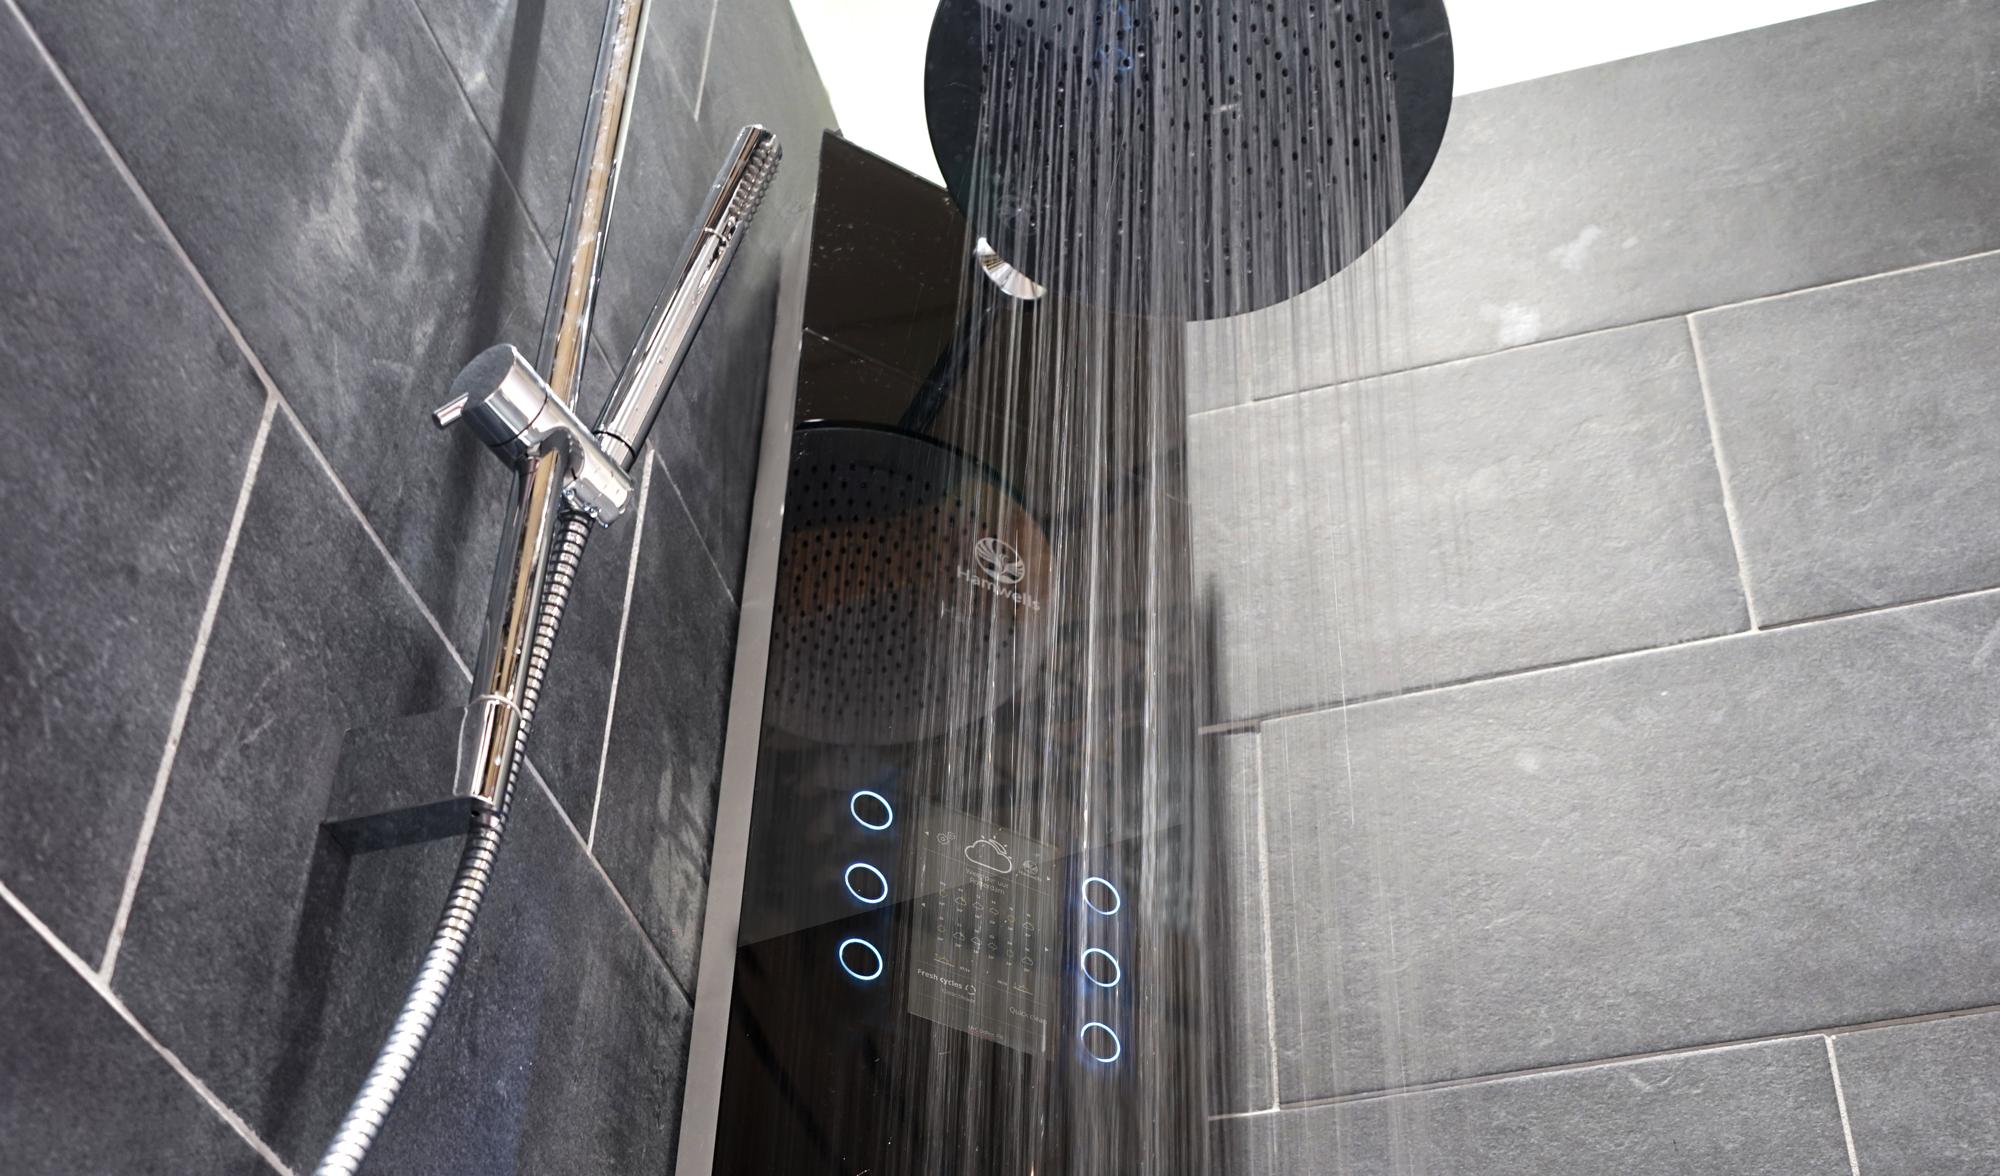 В продажу поступил умный душ, экономящий воду